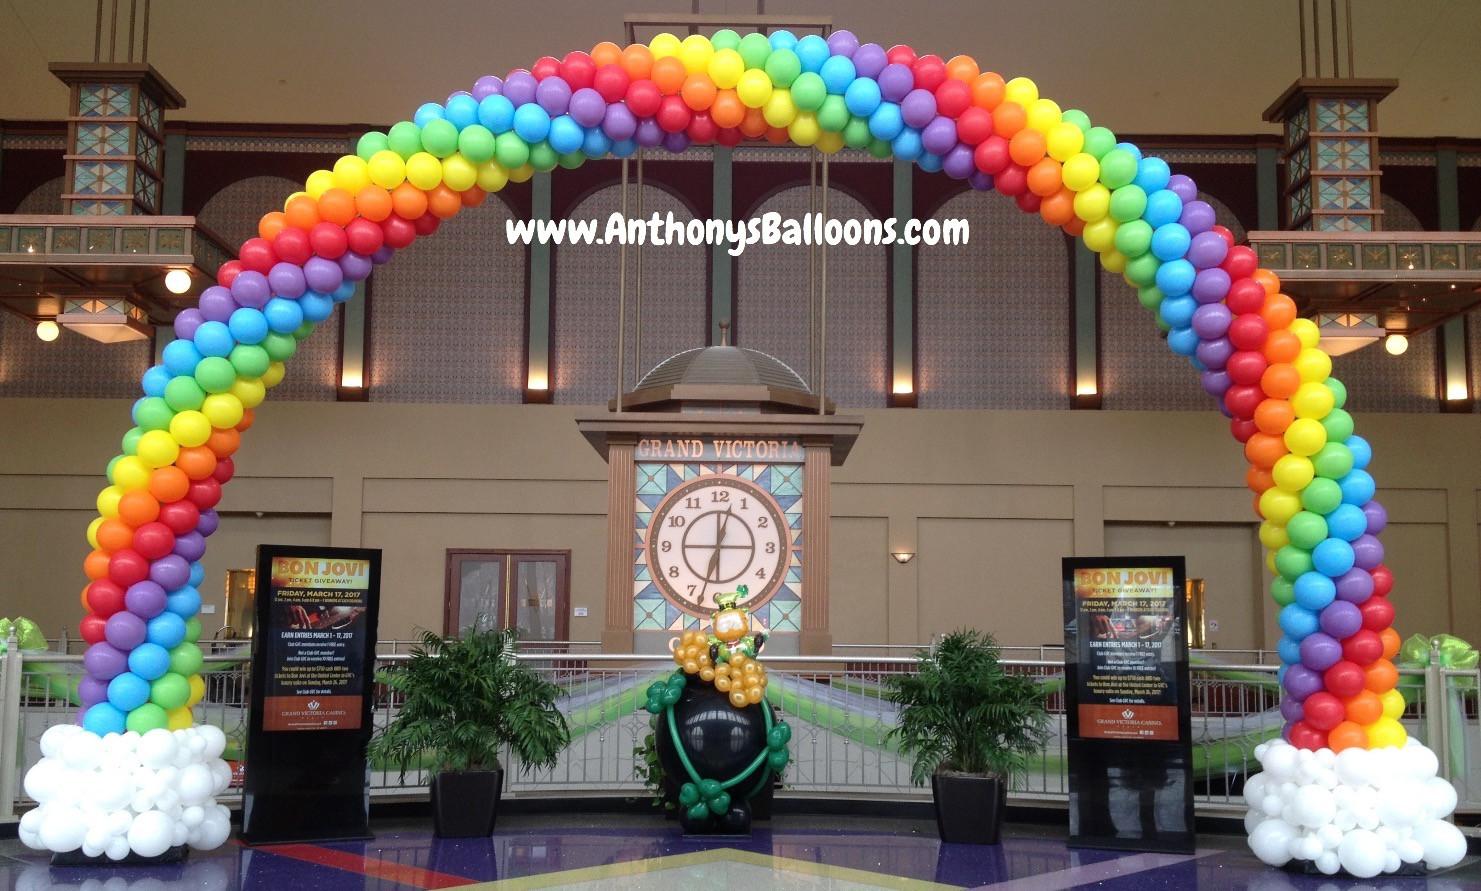 25x13 Rainbow Balloon Arch